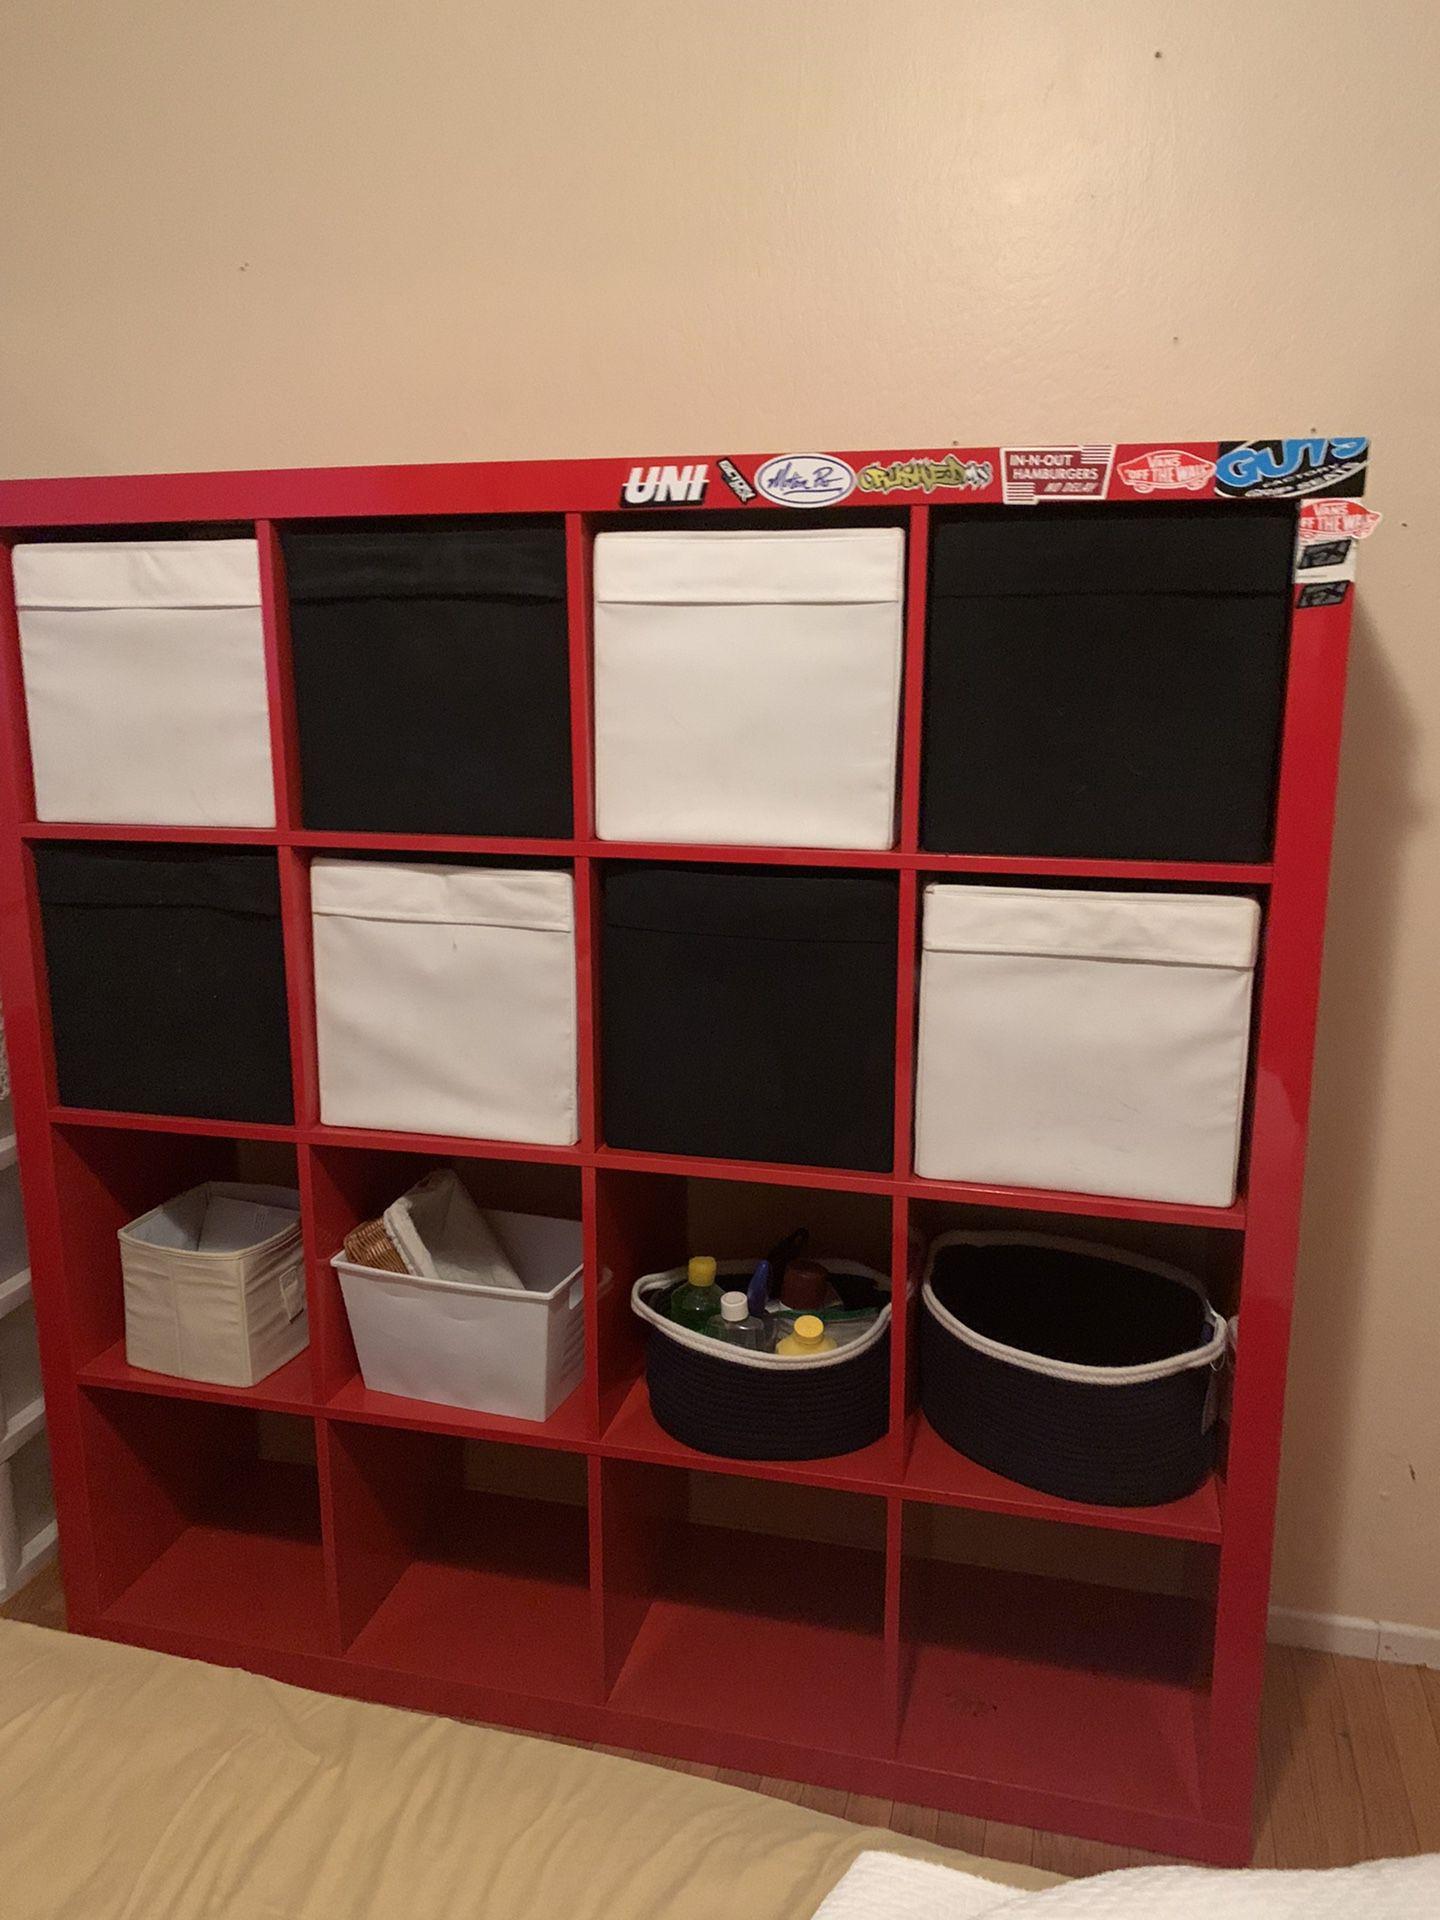 IKEA 4x4 Box Shelf